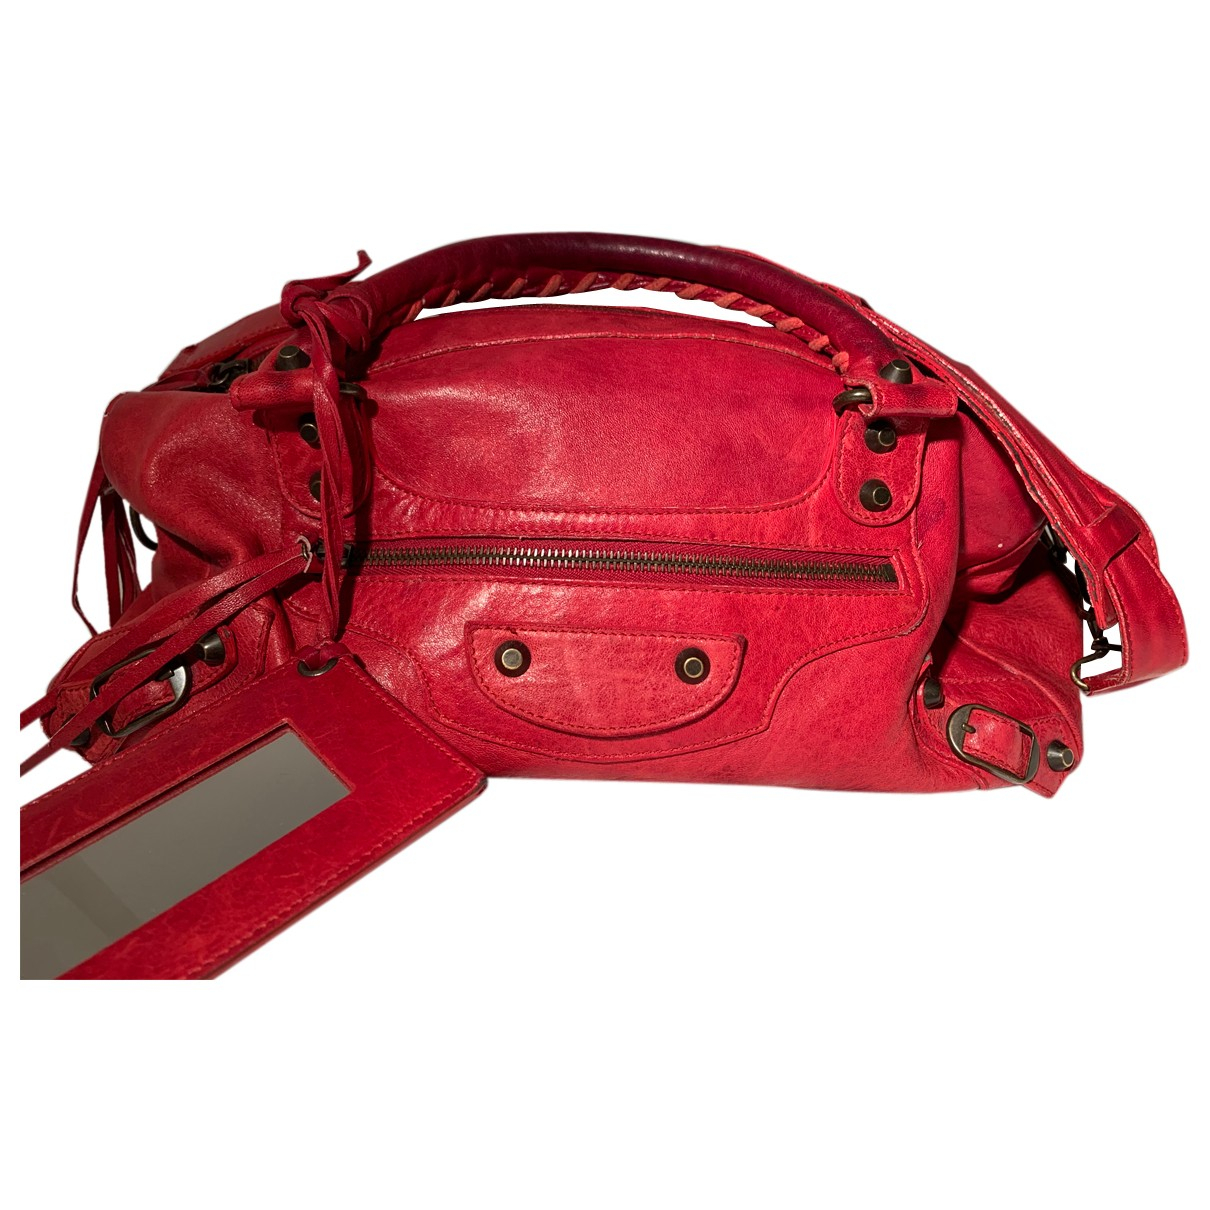 Balenciaga - Sac a main Twiggy pour femme en cuir - rouge